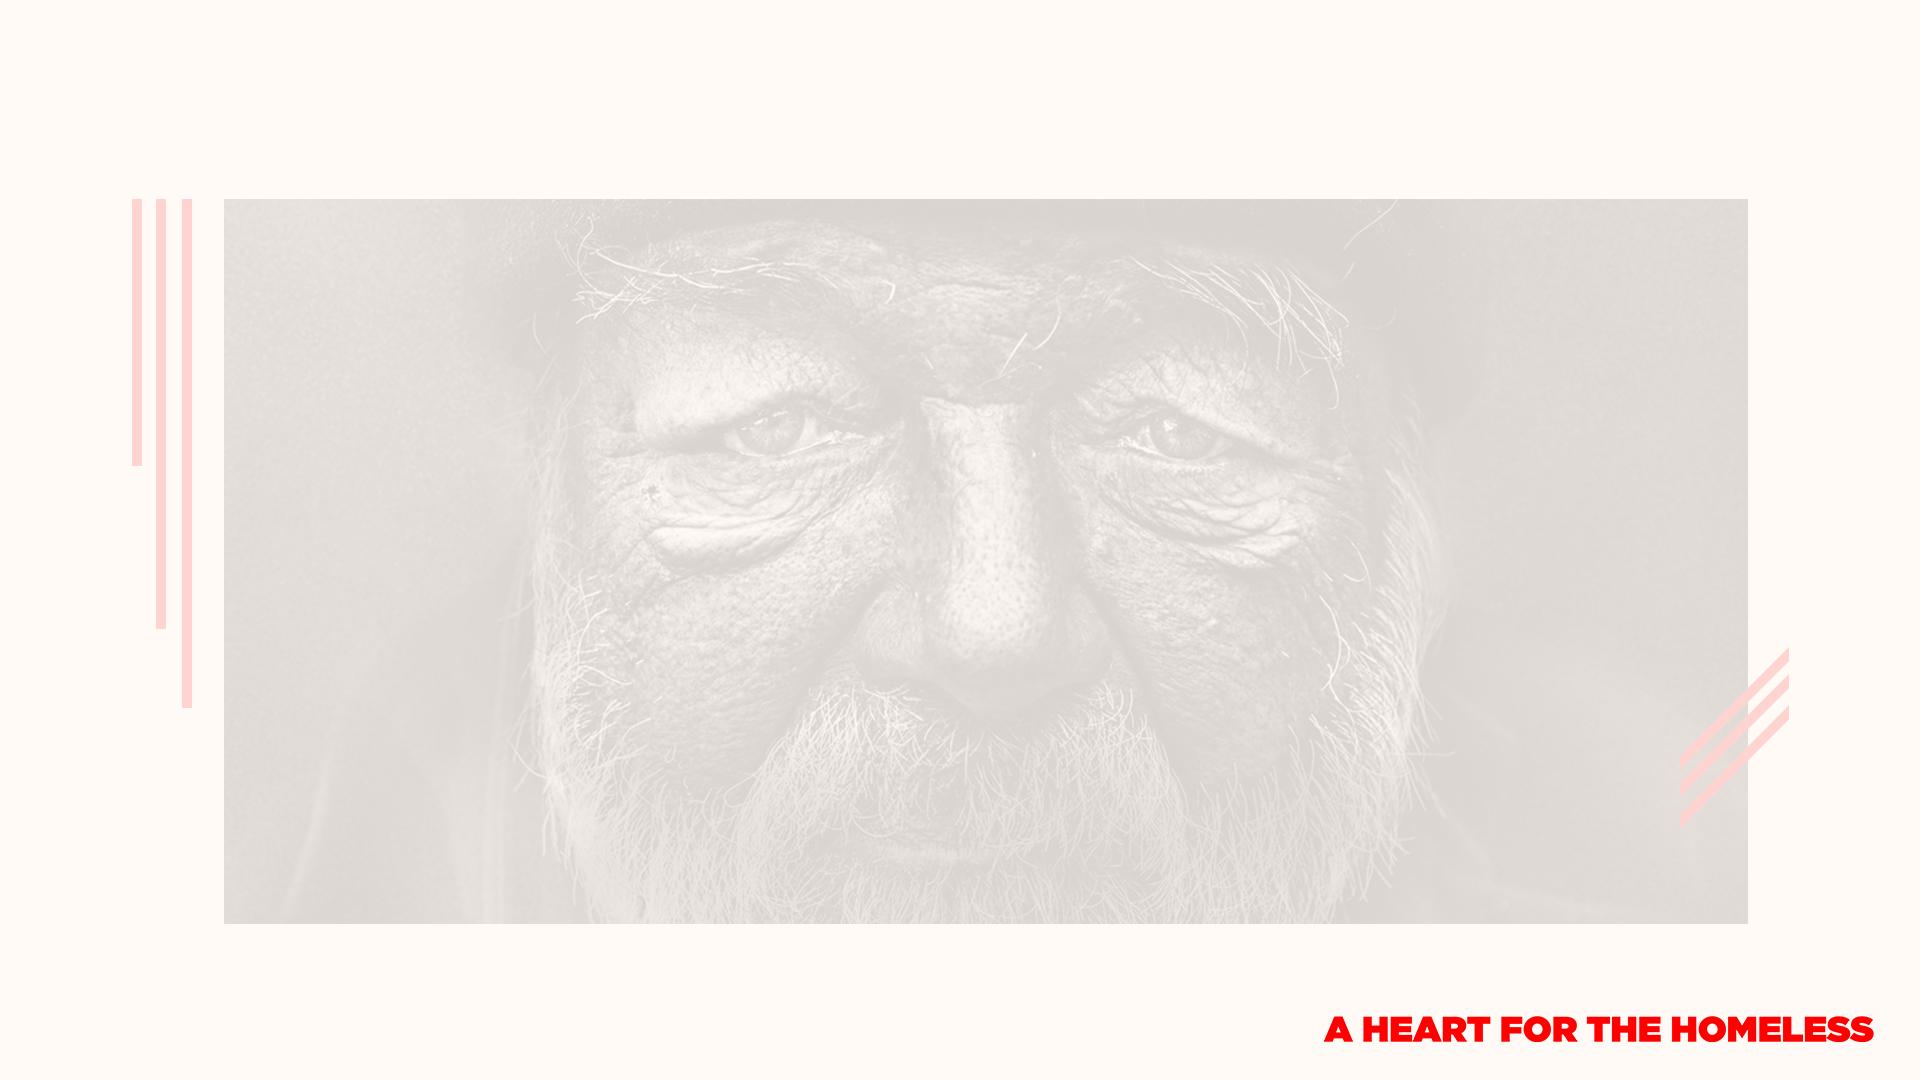 A Heart for the Homeless Notes Slide.jpg